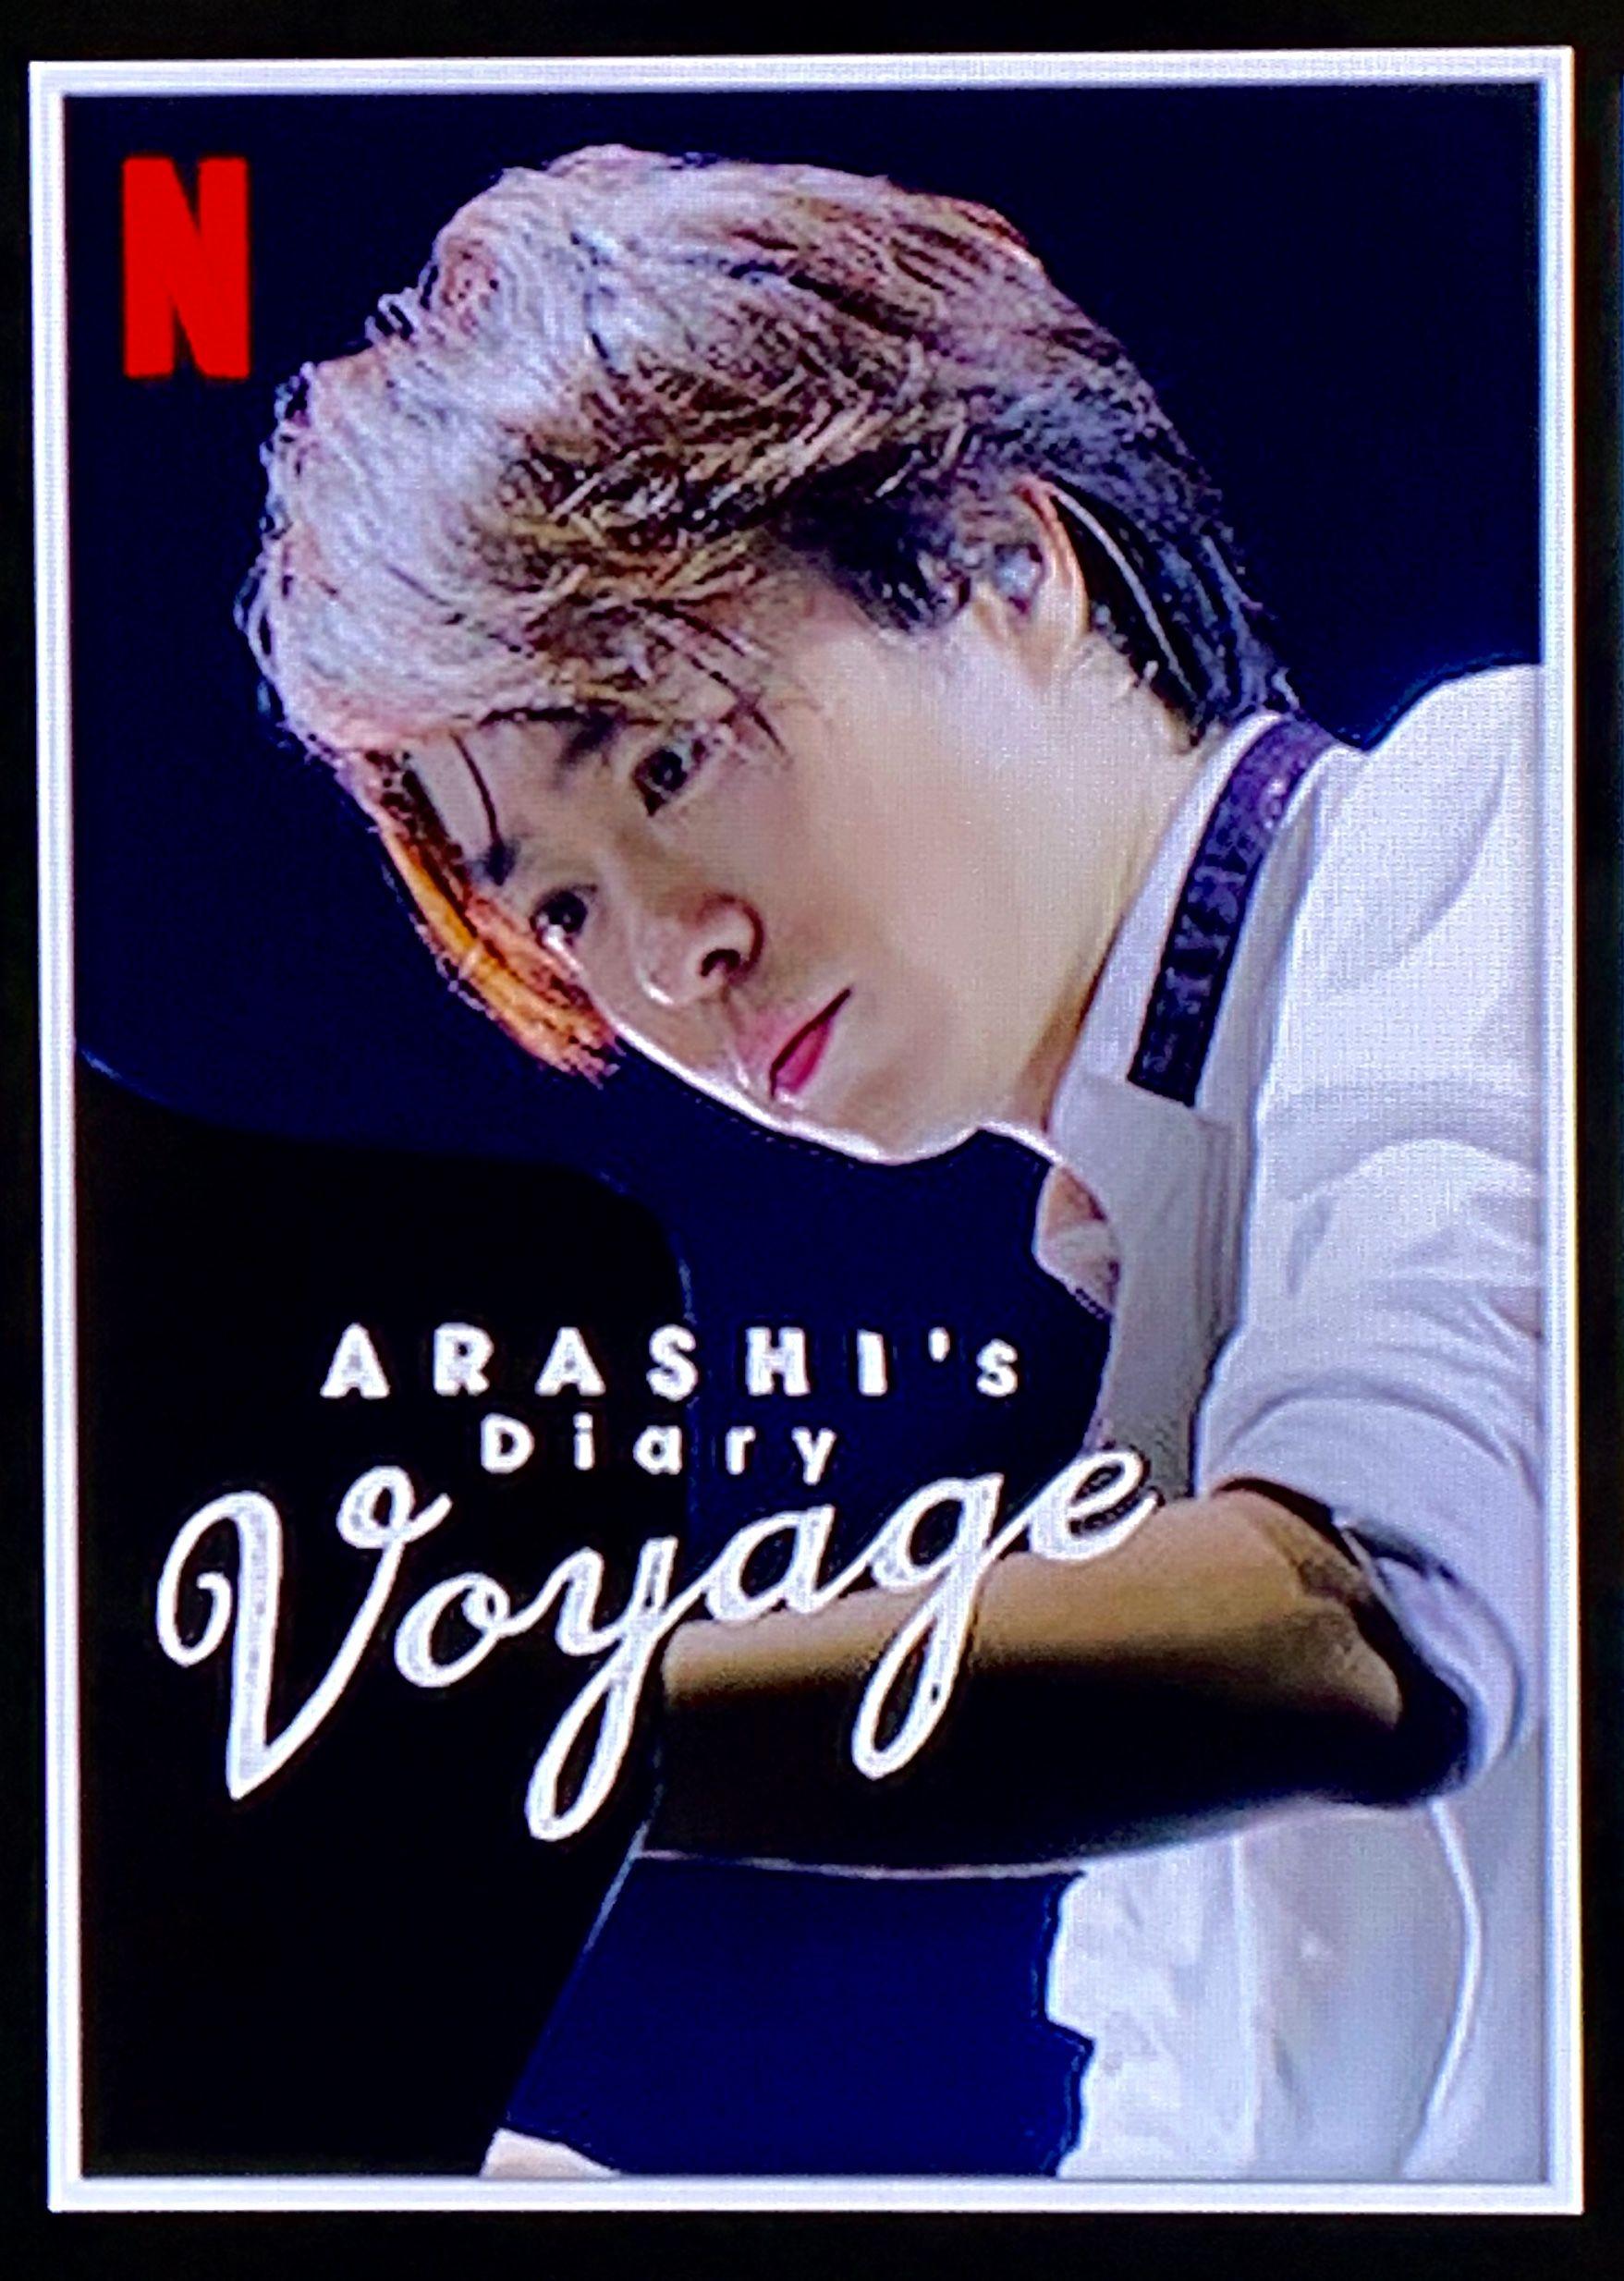 𝒮𝒽𝑜 櫻井翔 arashi 嵐 嵐